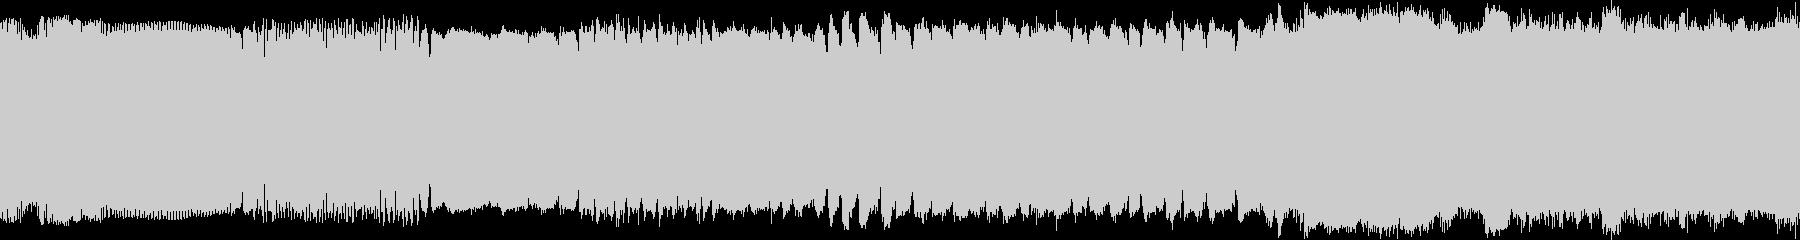 小型飛行機(セスナ)の離陸と飛行中の音の未再生の波形